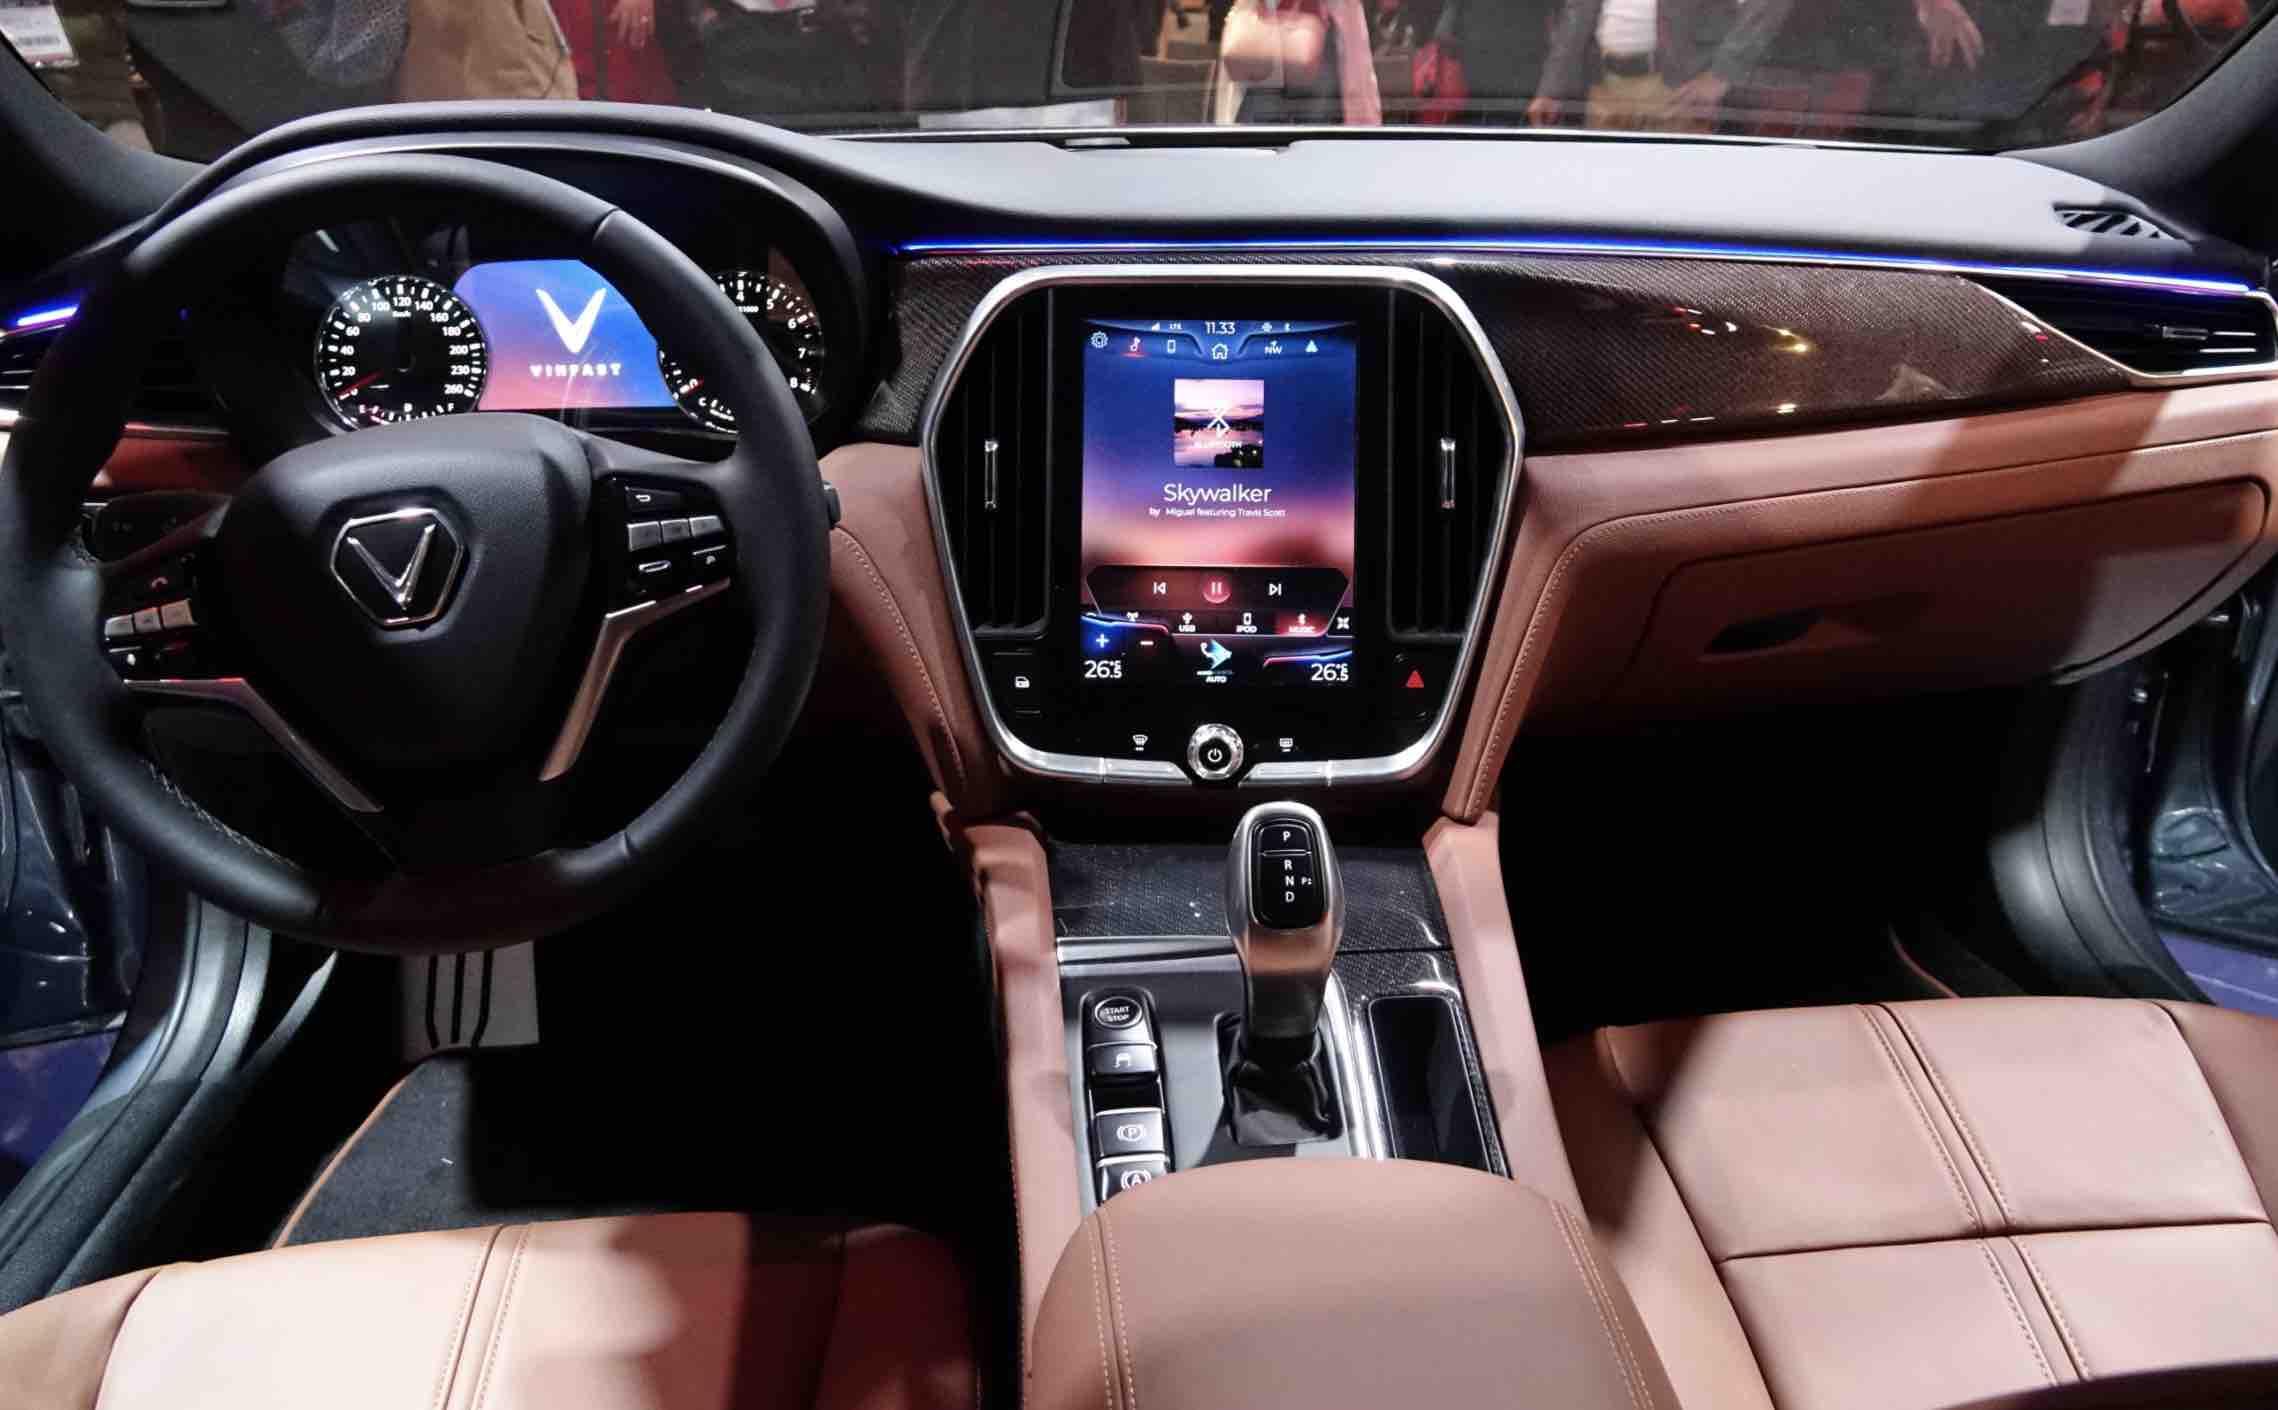 Kinh nghiệm bảo vệ nội thất ô tô dành cho người mới bắt đầu